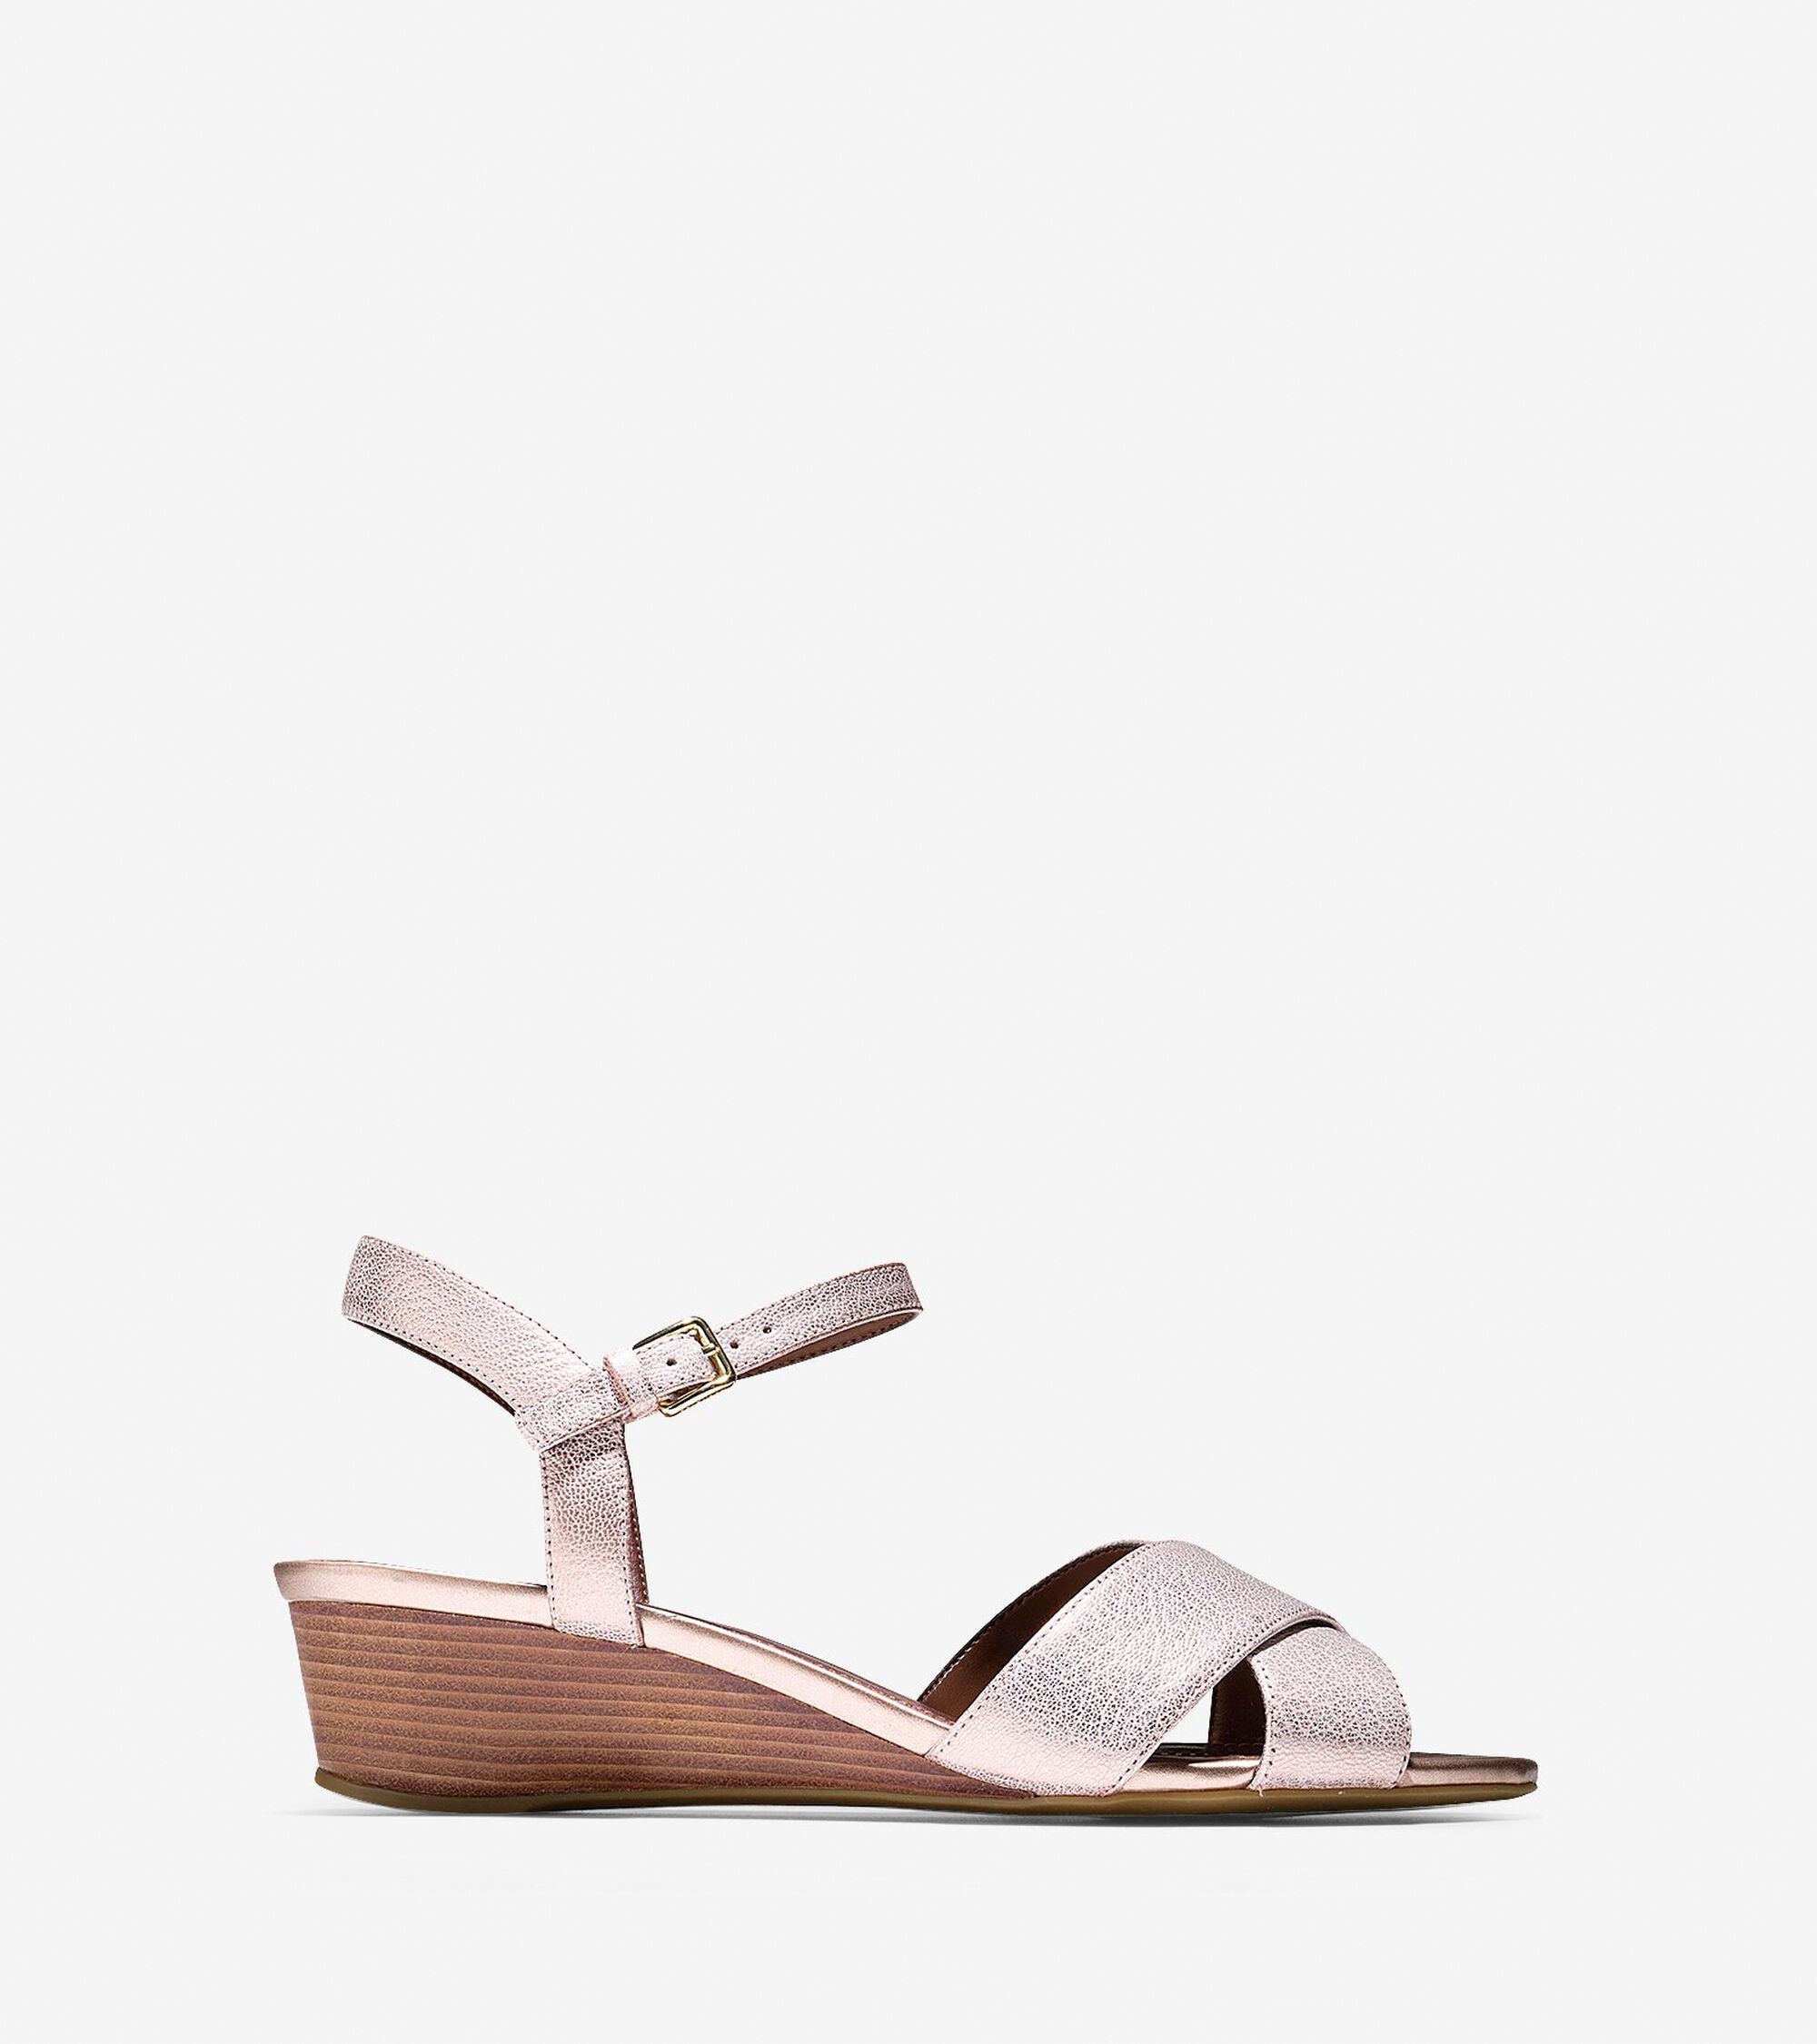 Sandals > Elsie Criss Cross Wedge Sandal (40mm)